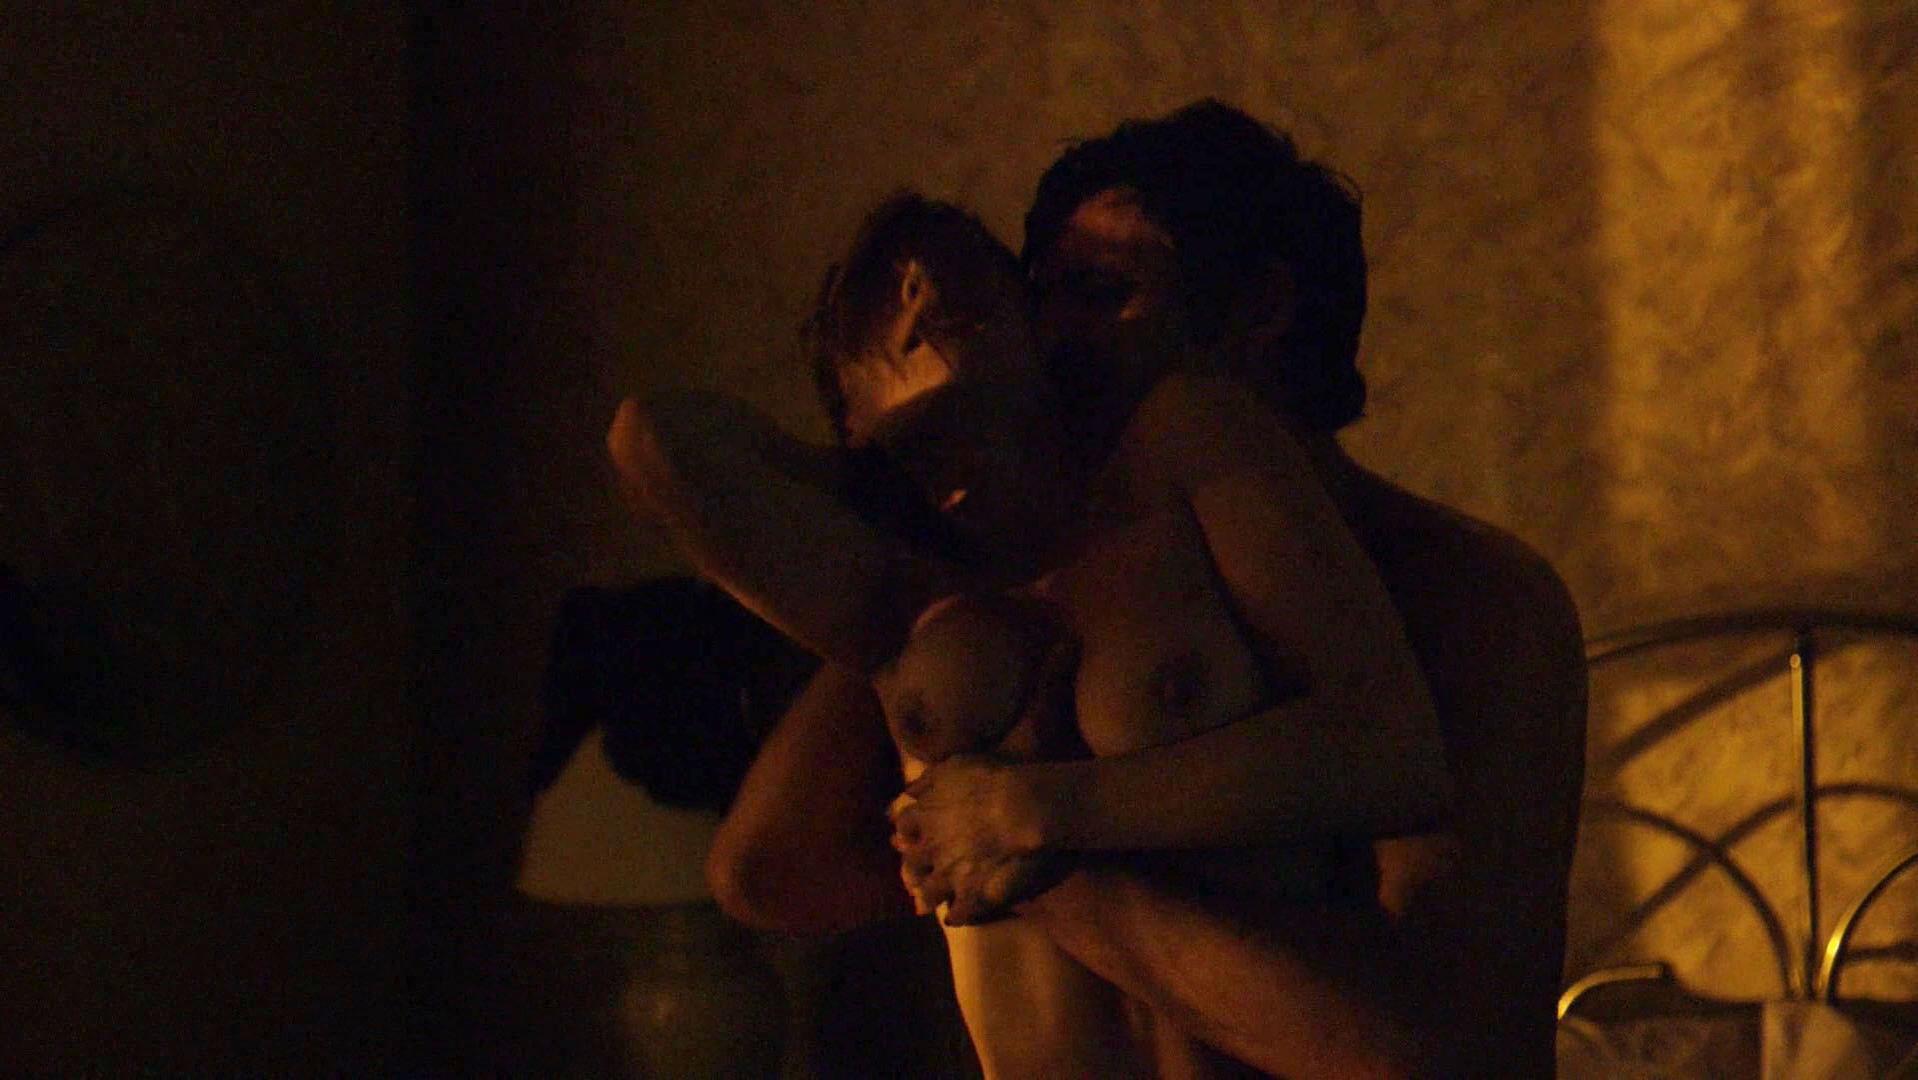 Carolina Acevedo nude - Narcos s02e03 (2016)